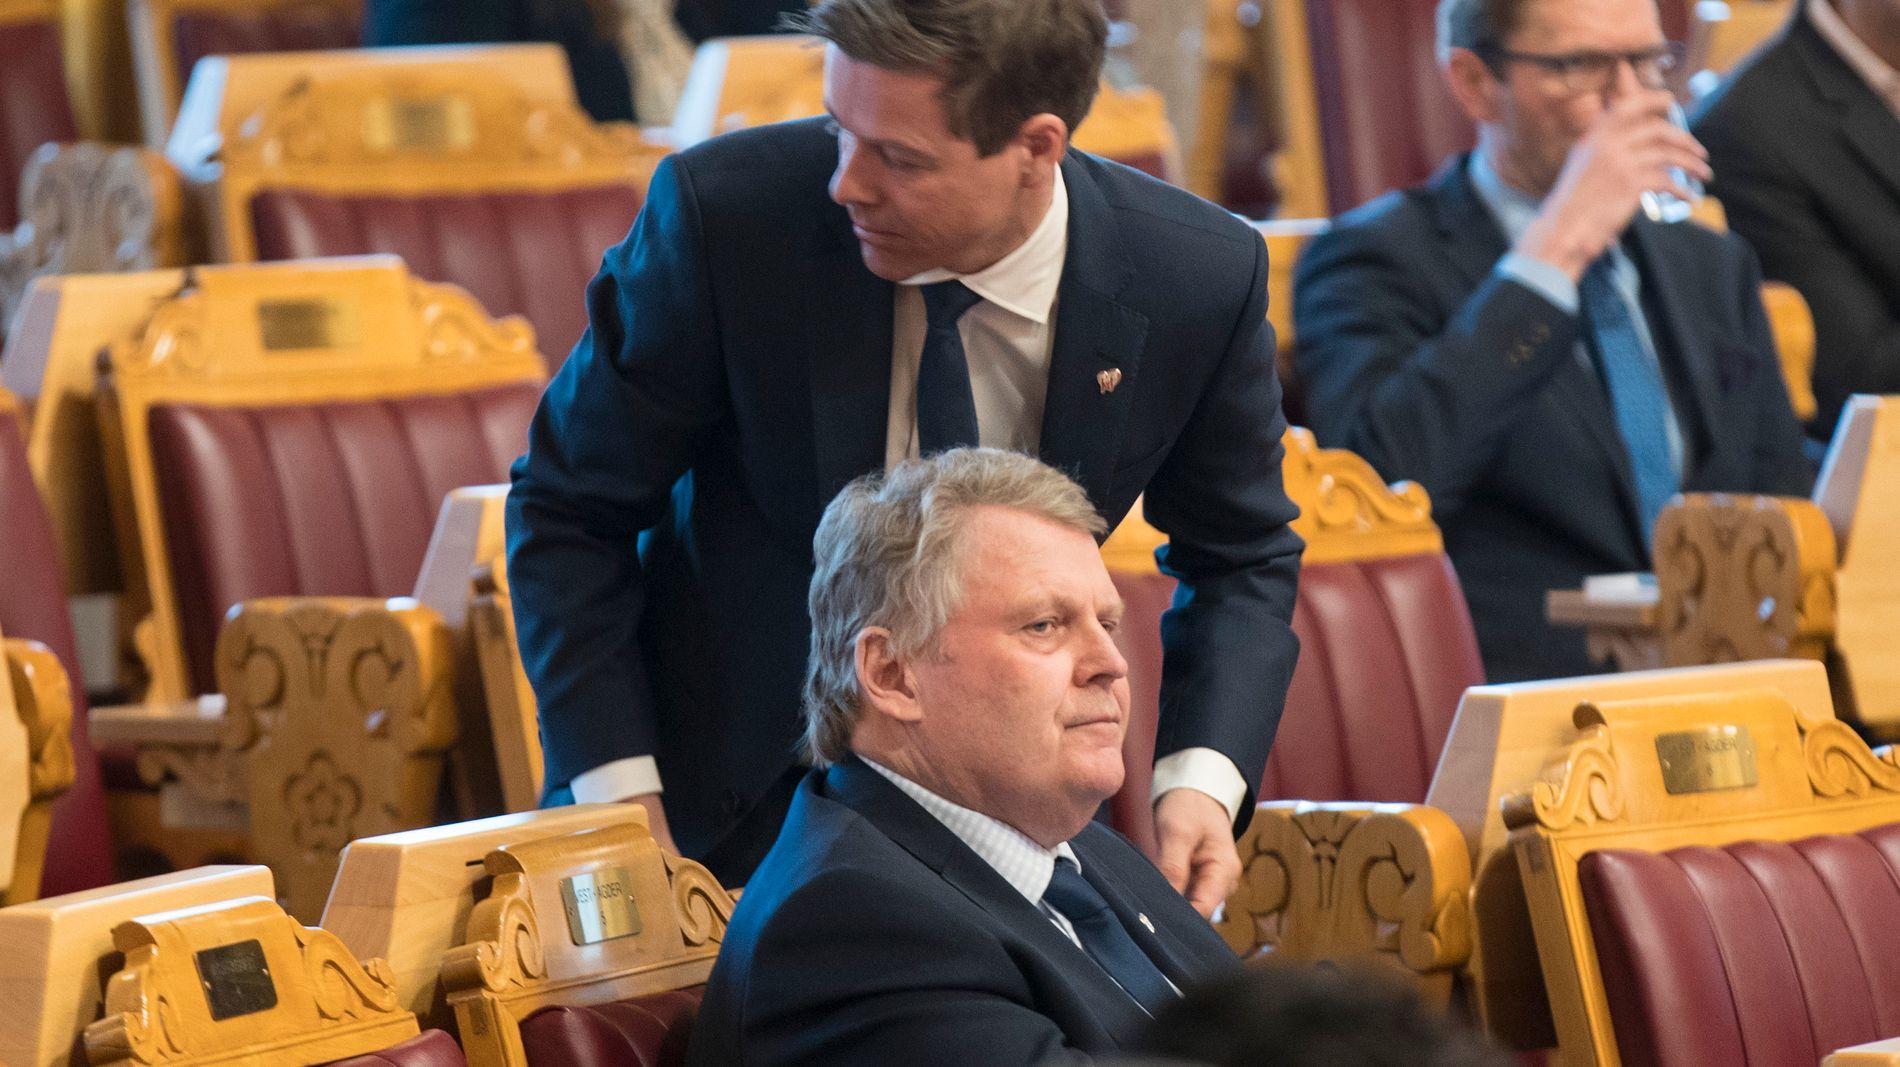 VIL ENDRE: Hans Fredrik Grøvan (i forgrunnen) er KrFs skolepolitiske talsperson, og som regel godt samkjørt med partileder Knut Arild Hareide (bak).